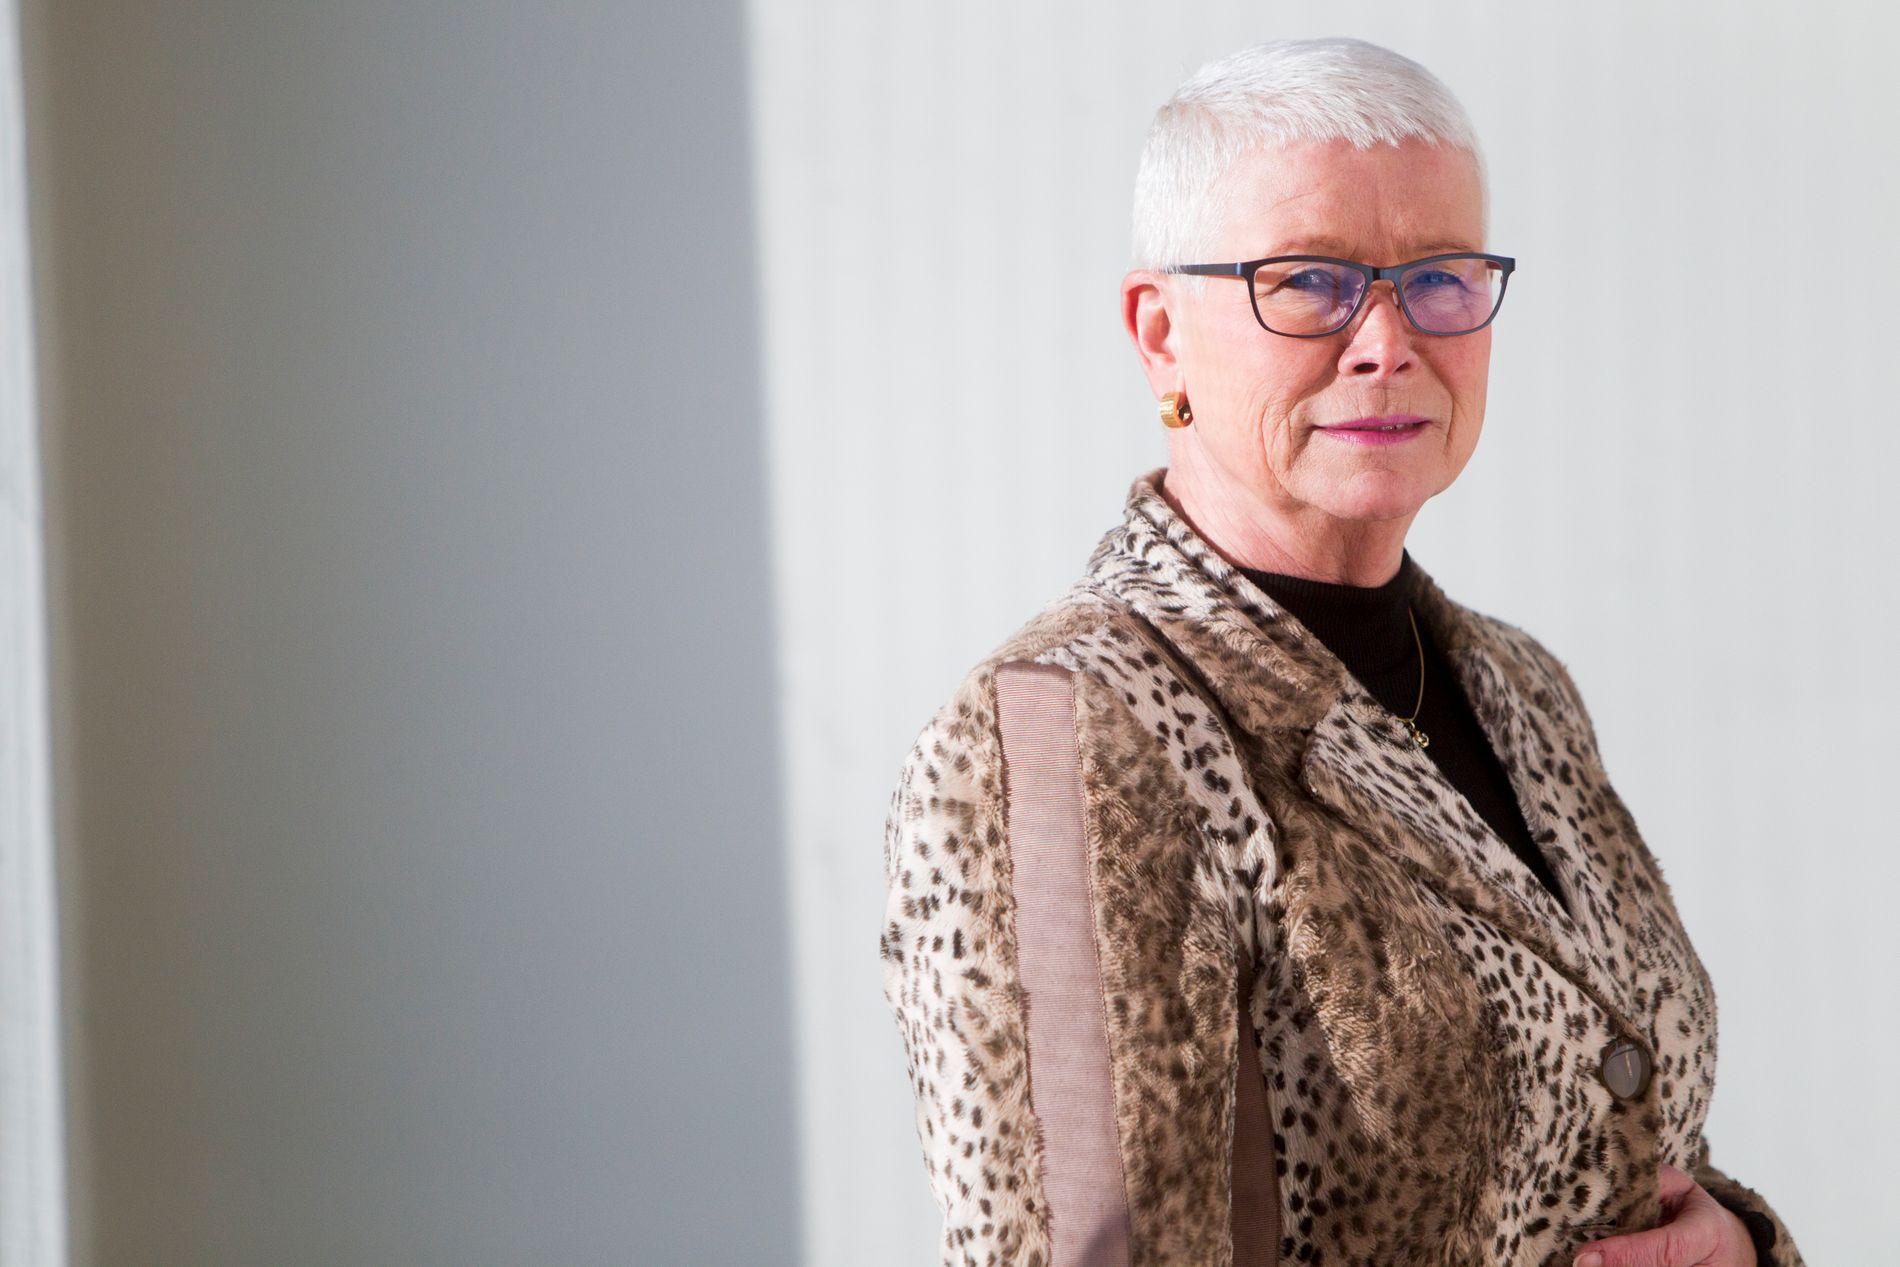 STOR KOSTNAD: Når så mange ekskluderes fra arbeidslivet utgjør dette en stor kostnad for samfunnet, skriver fylkesdirektør for Nav Hordaland, Anne Kverneland Bogsnes.